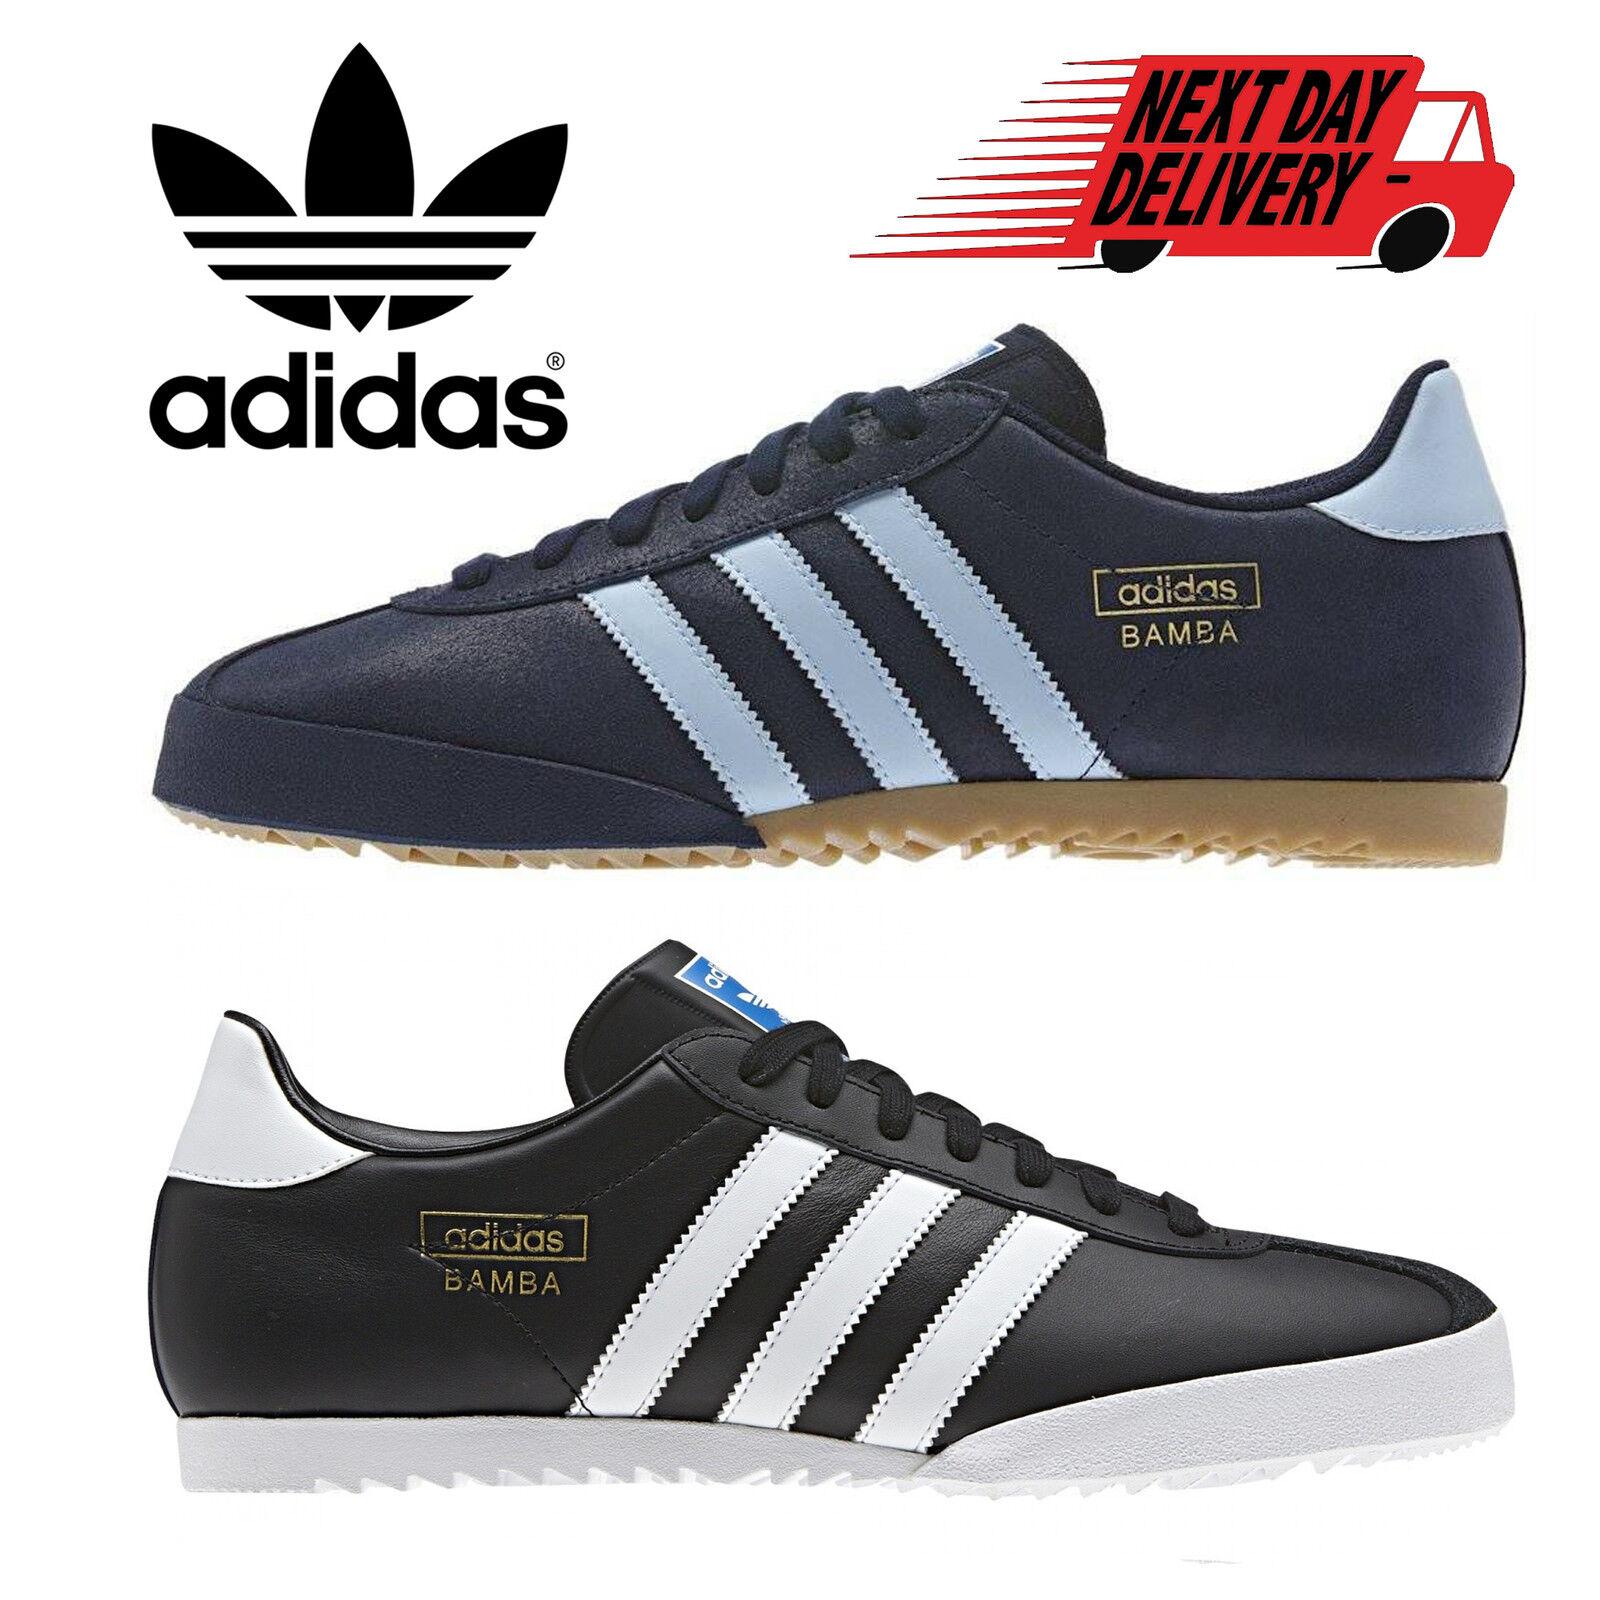 Adidas Originales Bamba Para hombre Zapatillas Casual Retro Zapatillas de deportes